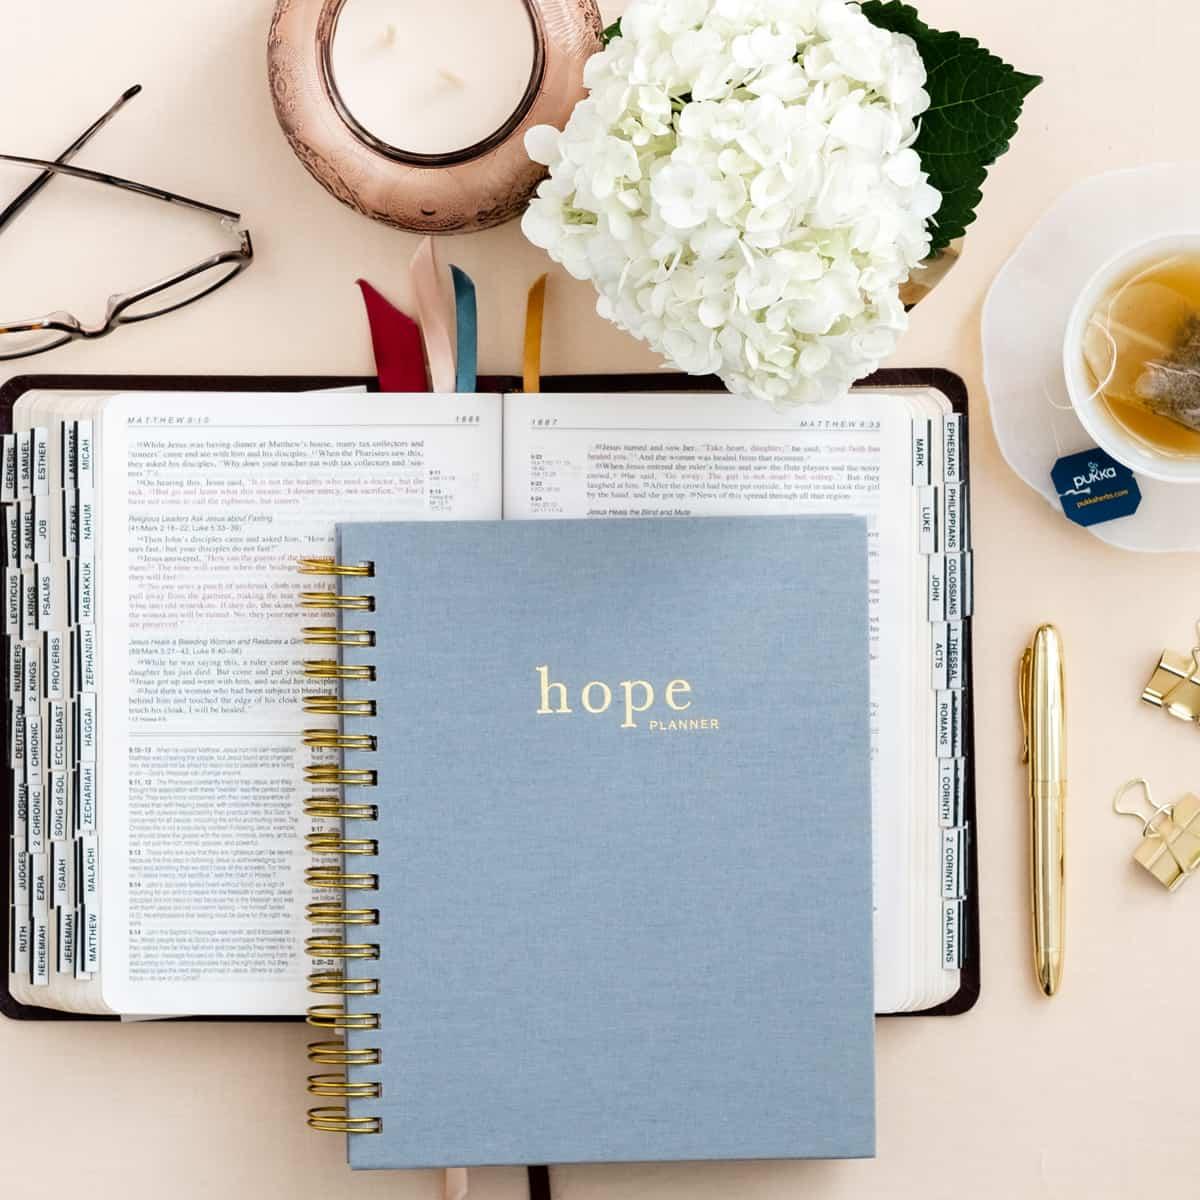 HopePlanner_Christian_Planner